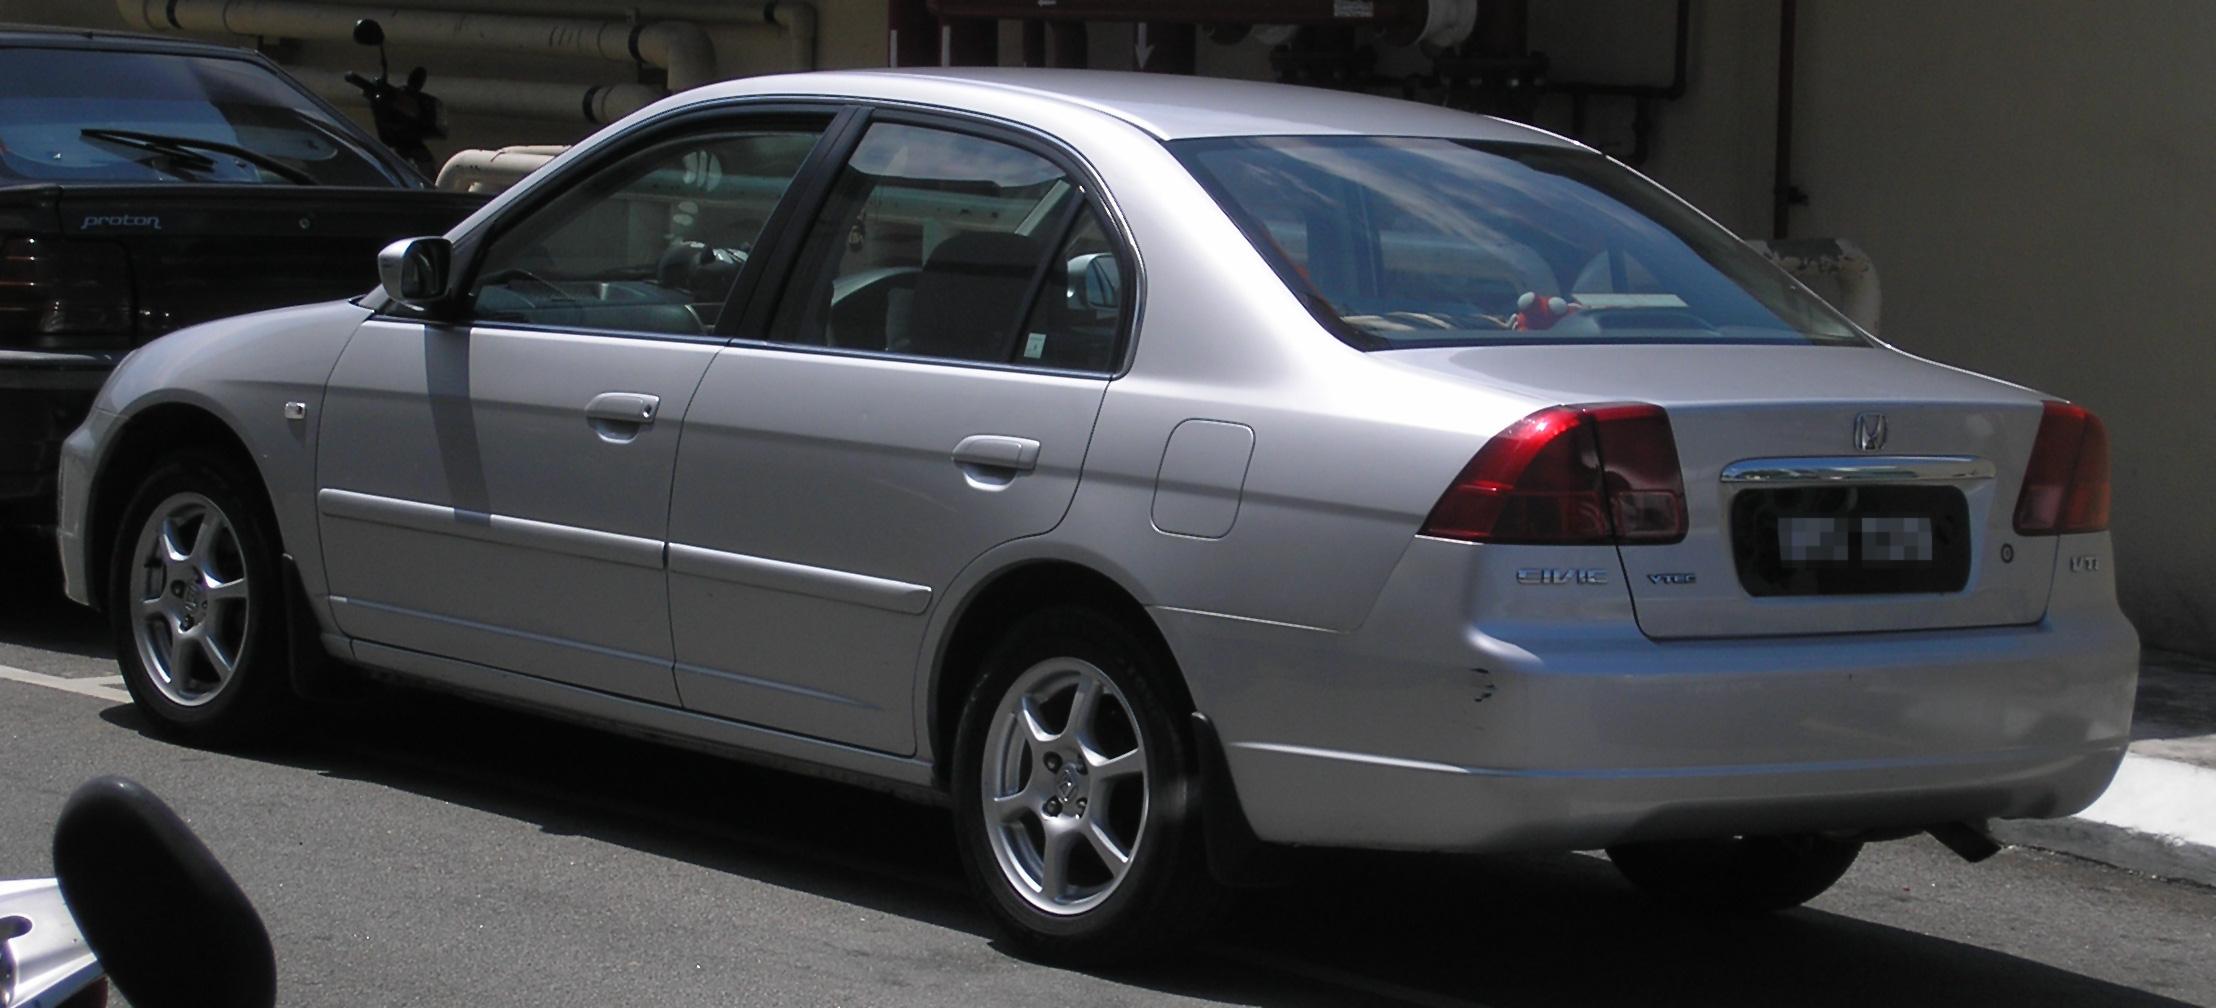 Kelebihan Kekurangan Honda Civic 2001 Perbandingan Harga